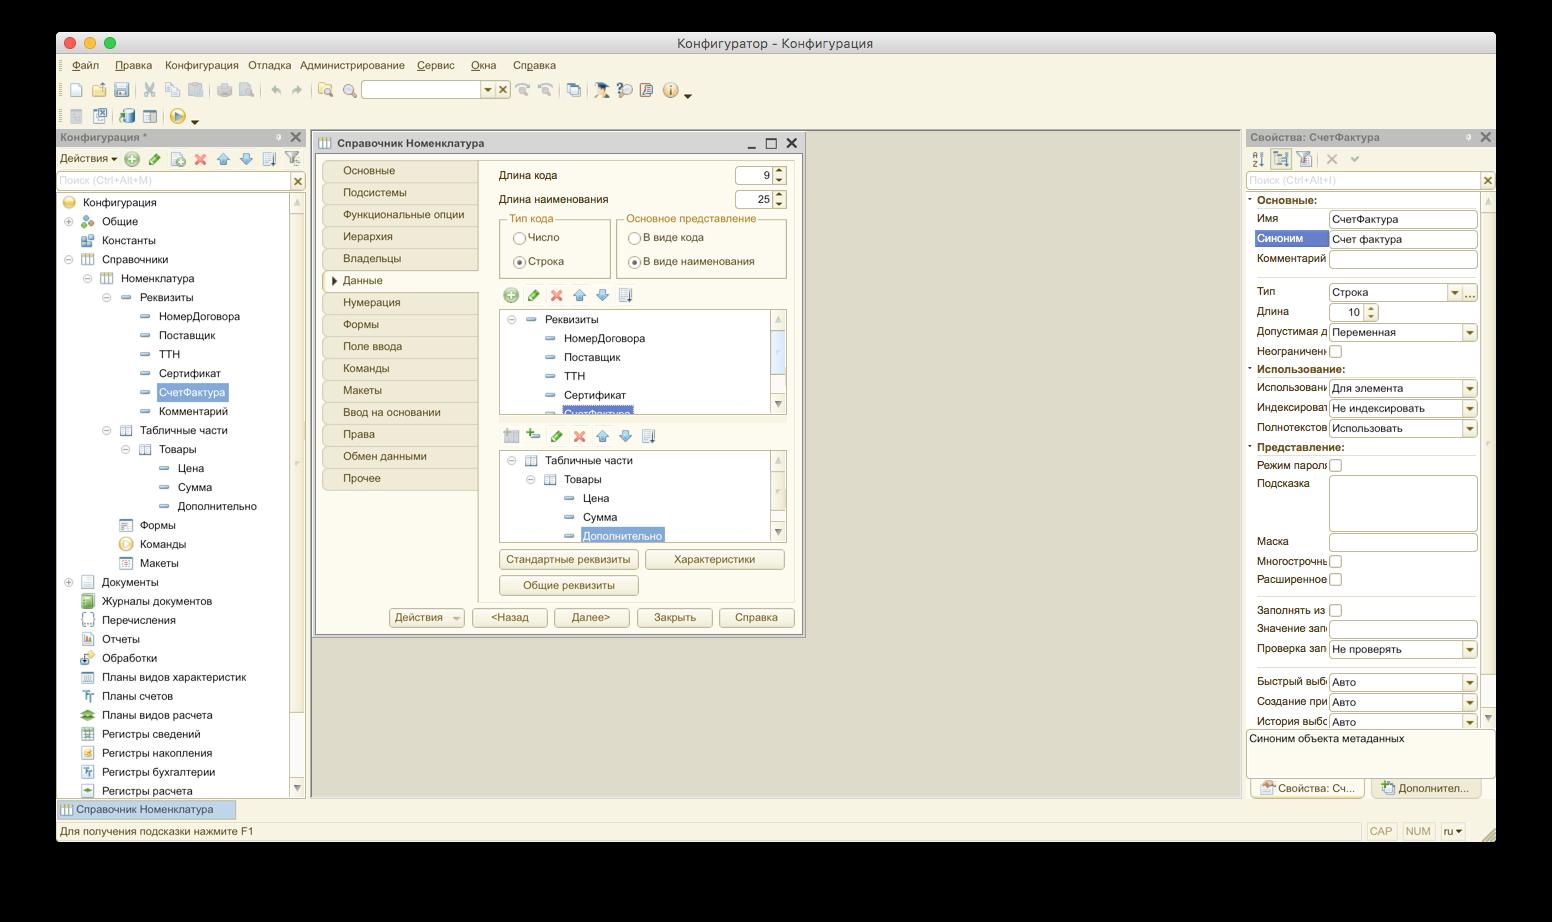 Программы для системного администратора предприятия